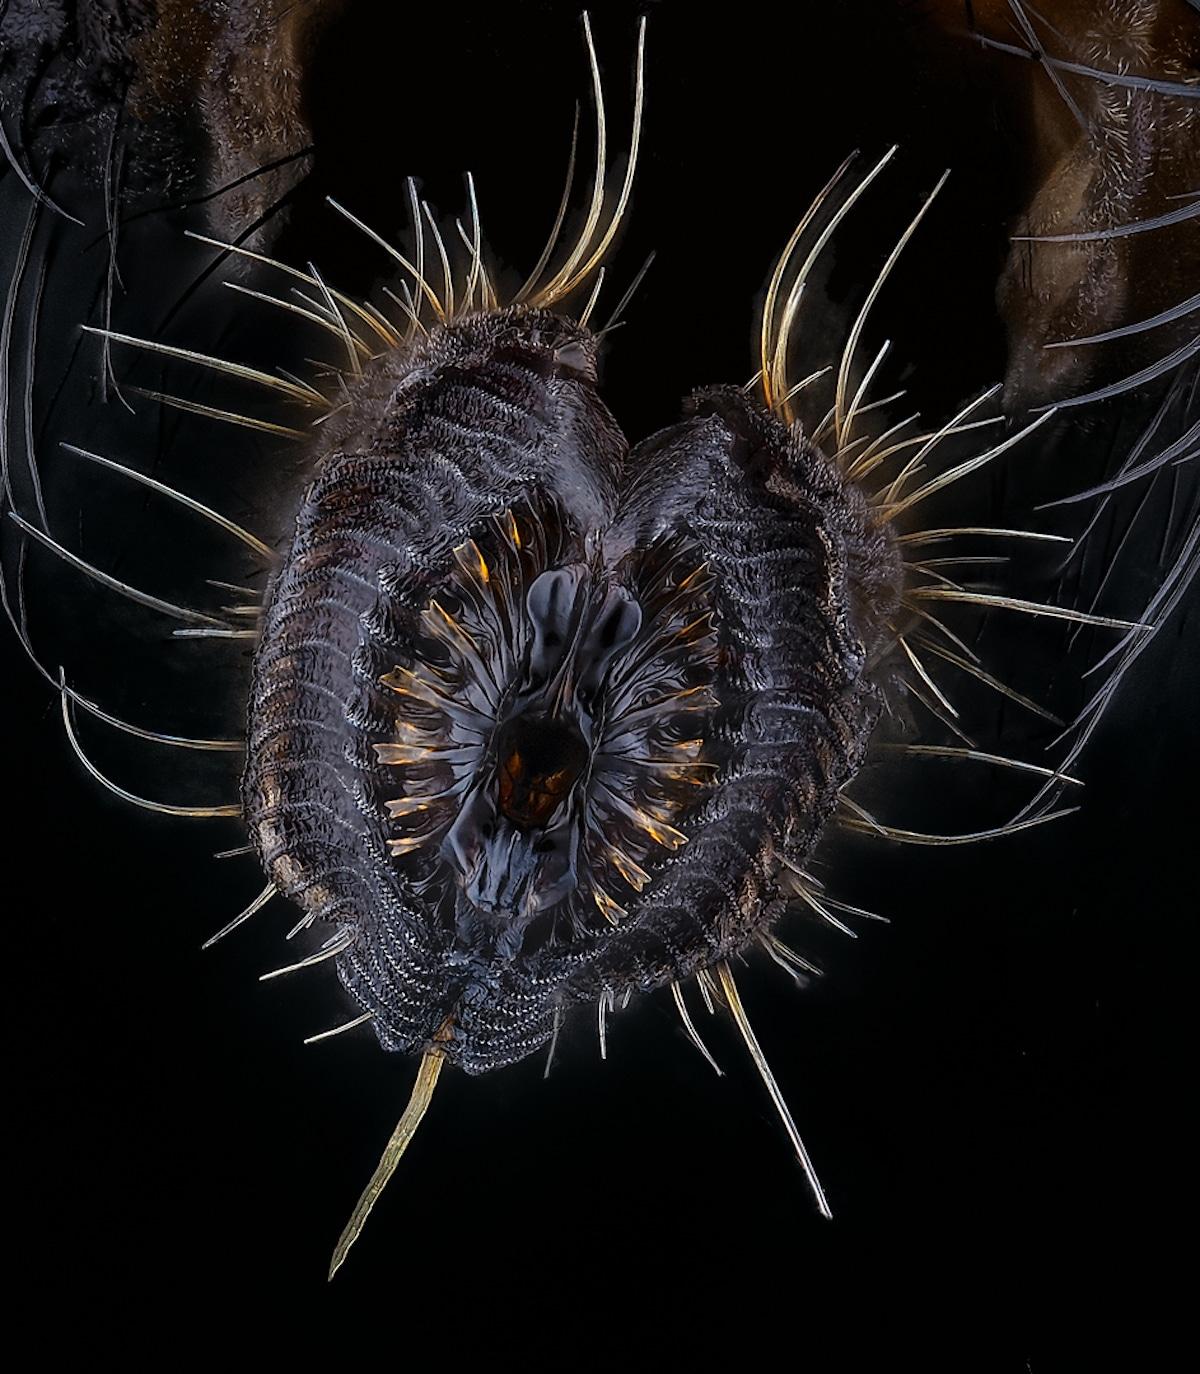 Close Up Photo of a Proboscis of a housefly